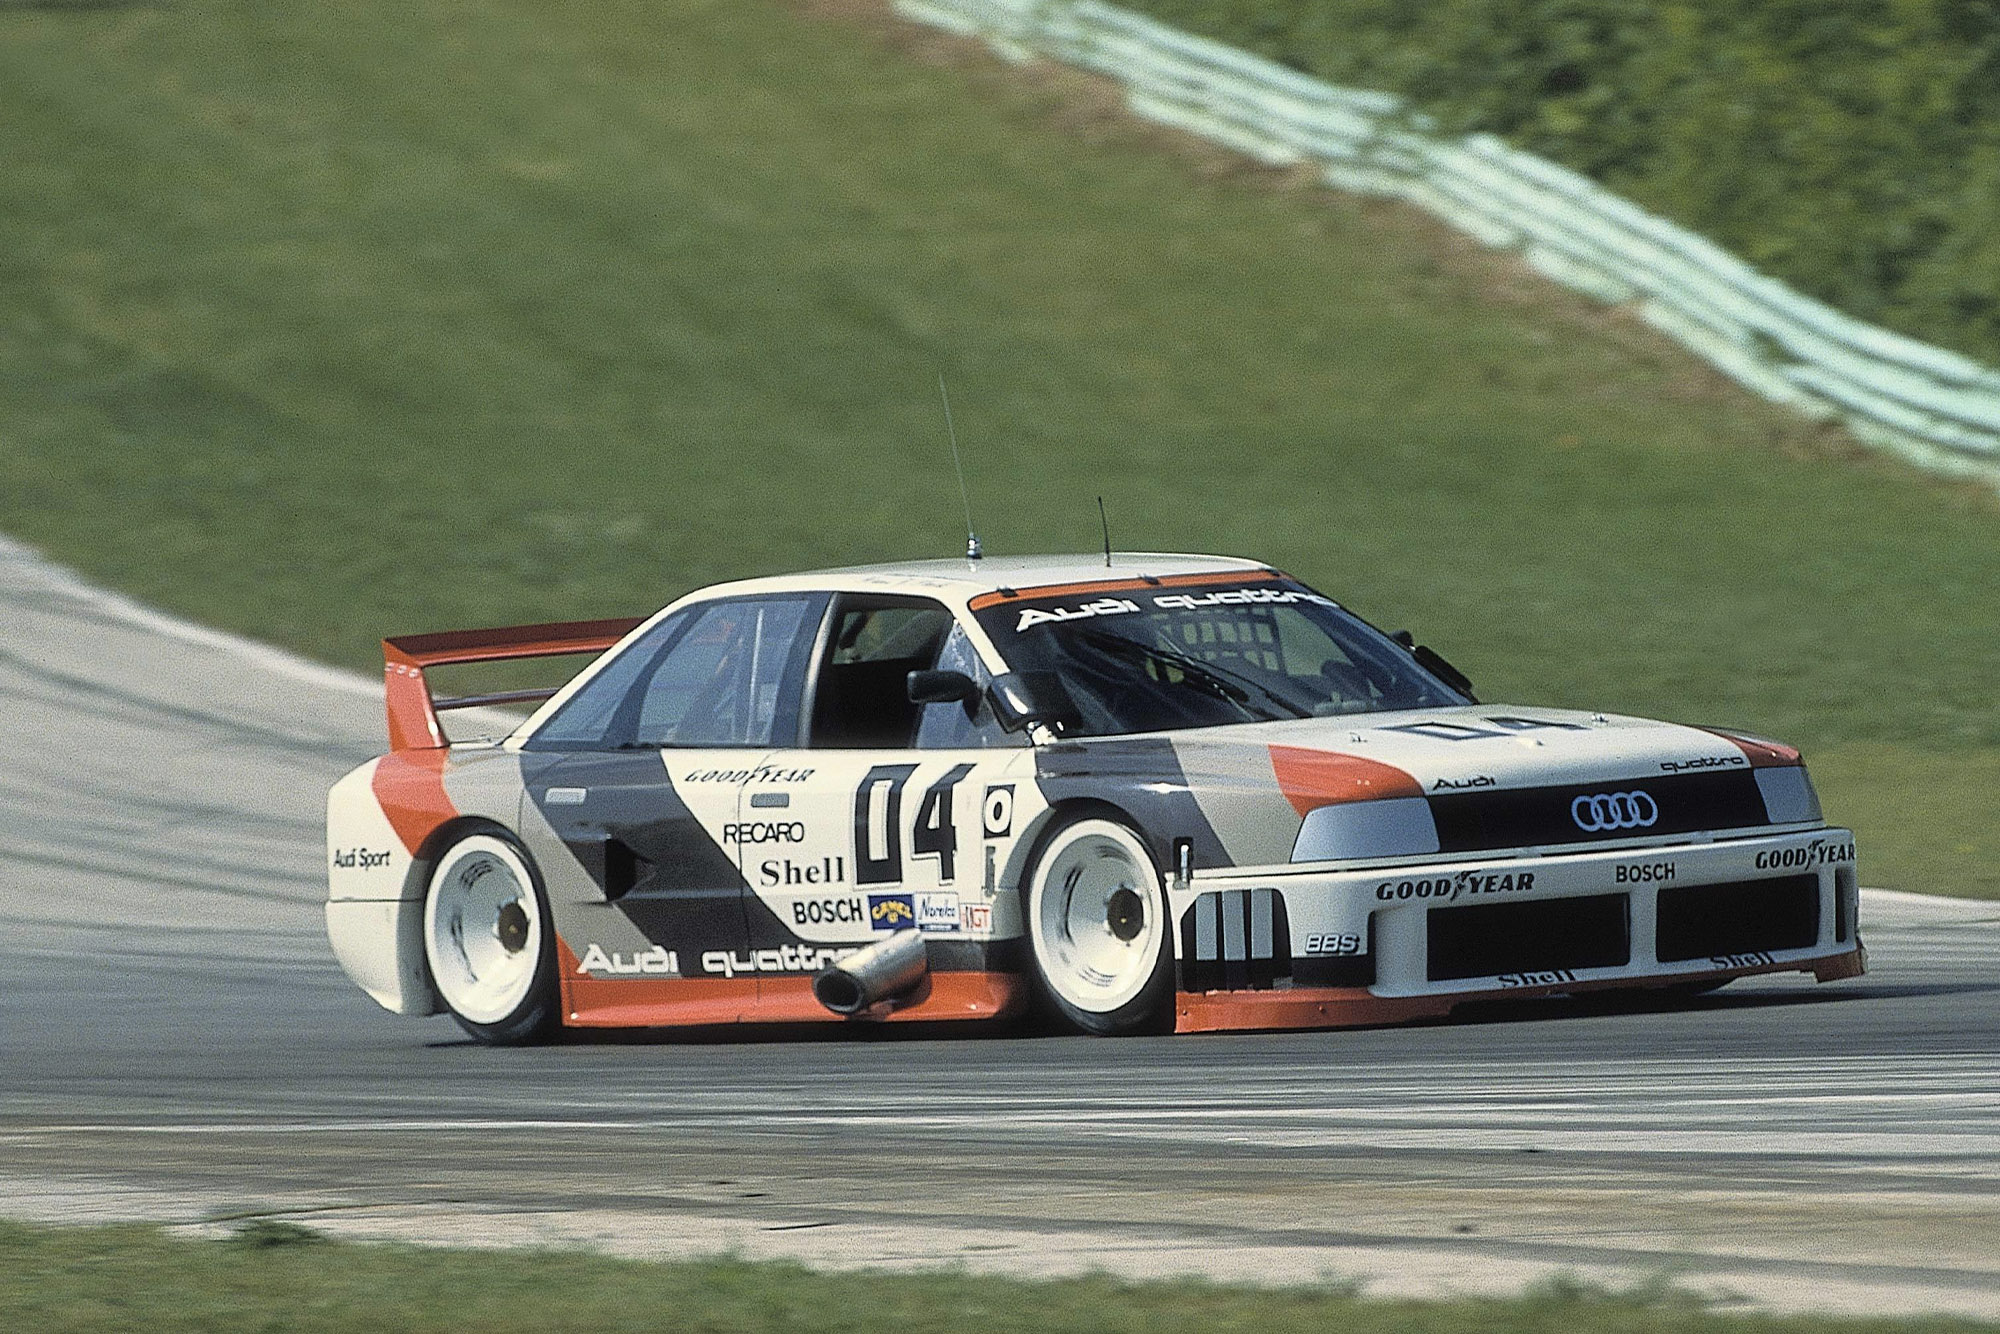 Audi 90 IMSA-GTO car in 1989